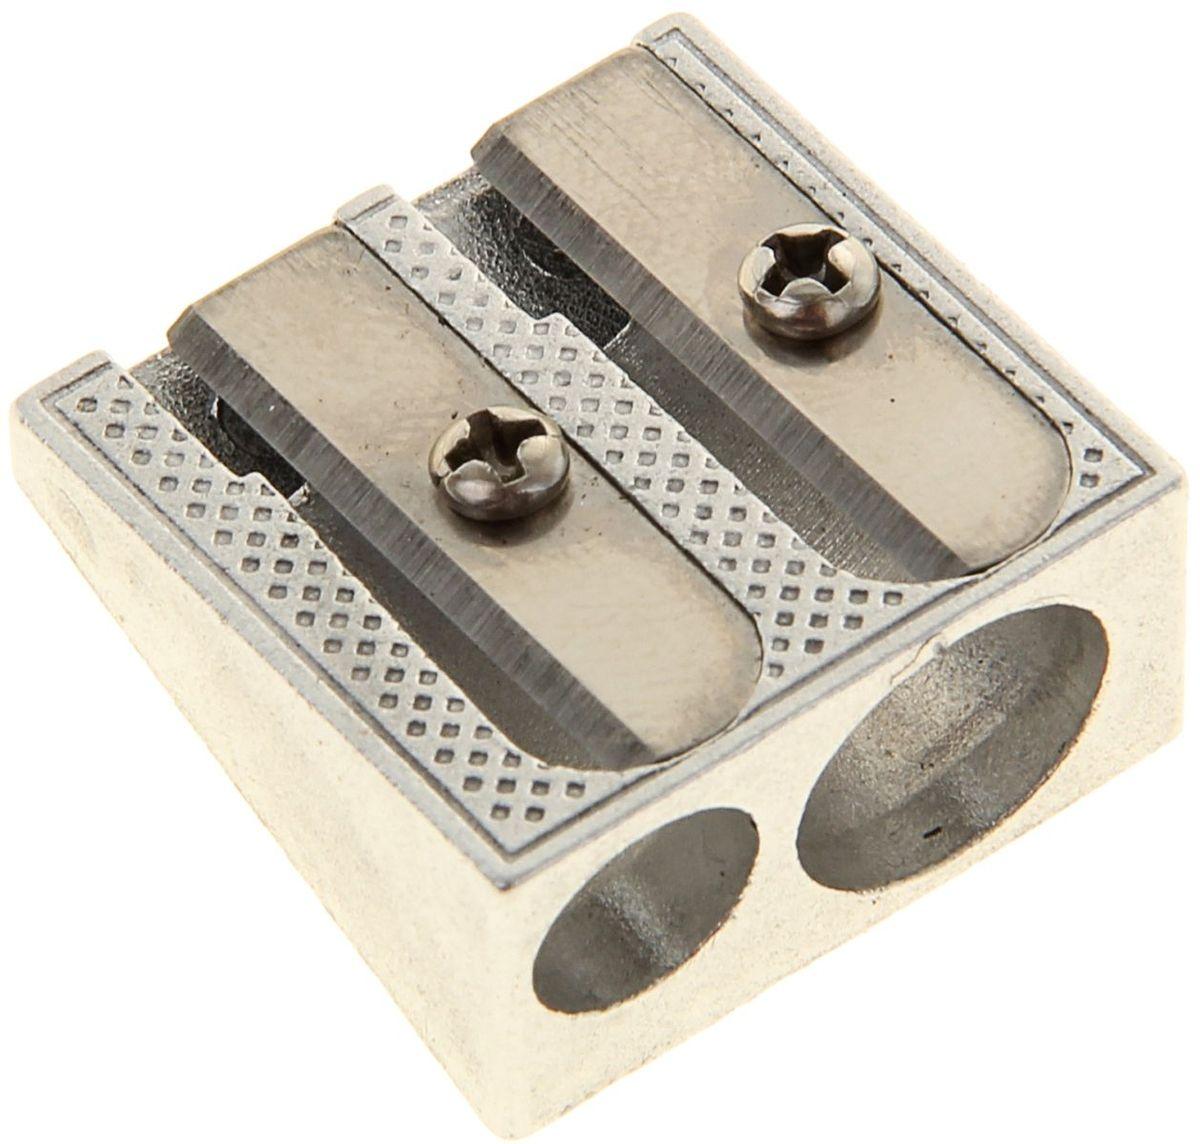 Erich Krause Точилка двойная Ferro PlusFS-36052Двойная точилка Erich Krause Ferro Plus имеет ударопрочный металлический корпус.Оснащена двумя отверстиями диаметром 8 мм и 11 мм для заточки стандартных и утолщенных (Jumbo) карандашей.Высококачественное стальное лезвие обеспечивает аккуратную и острую заточку.